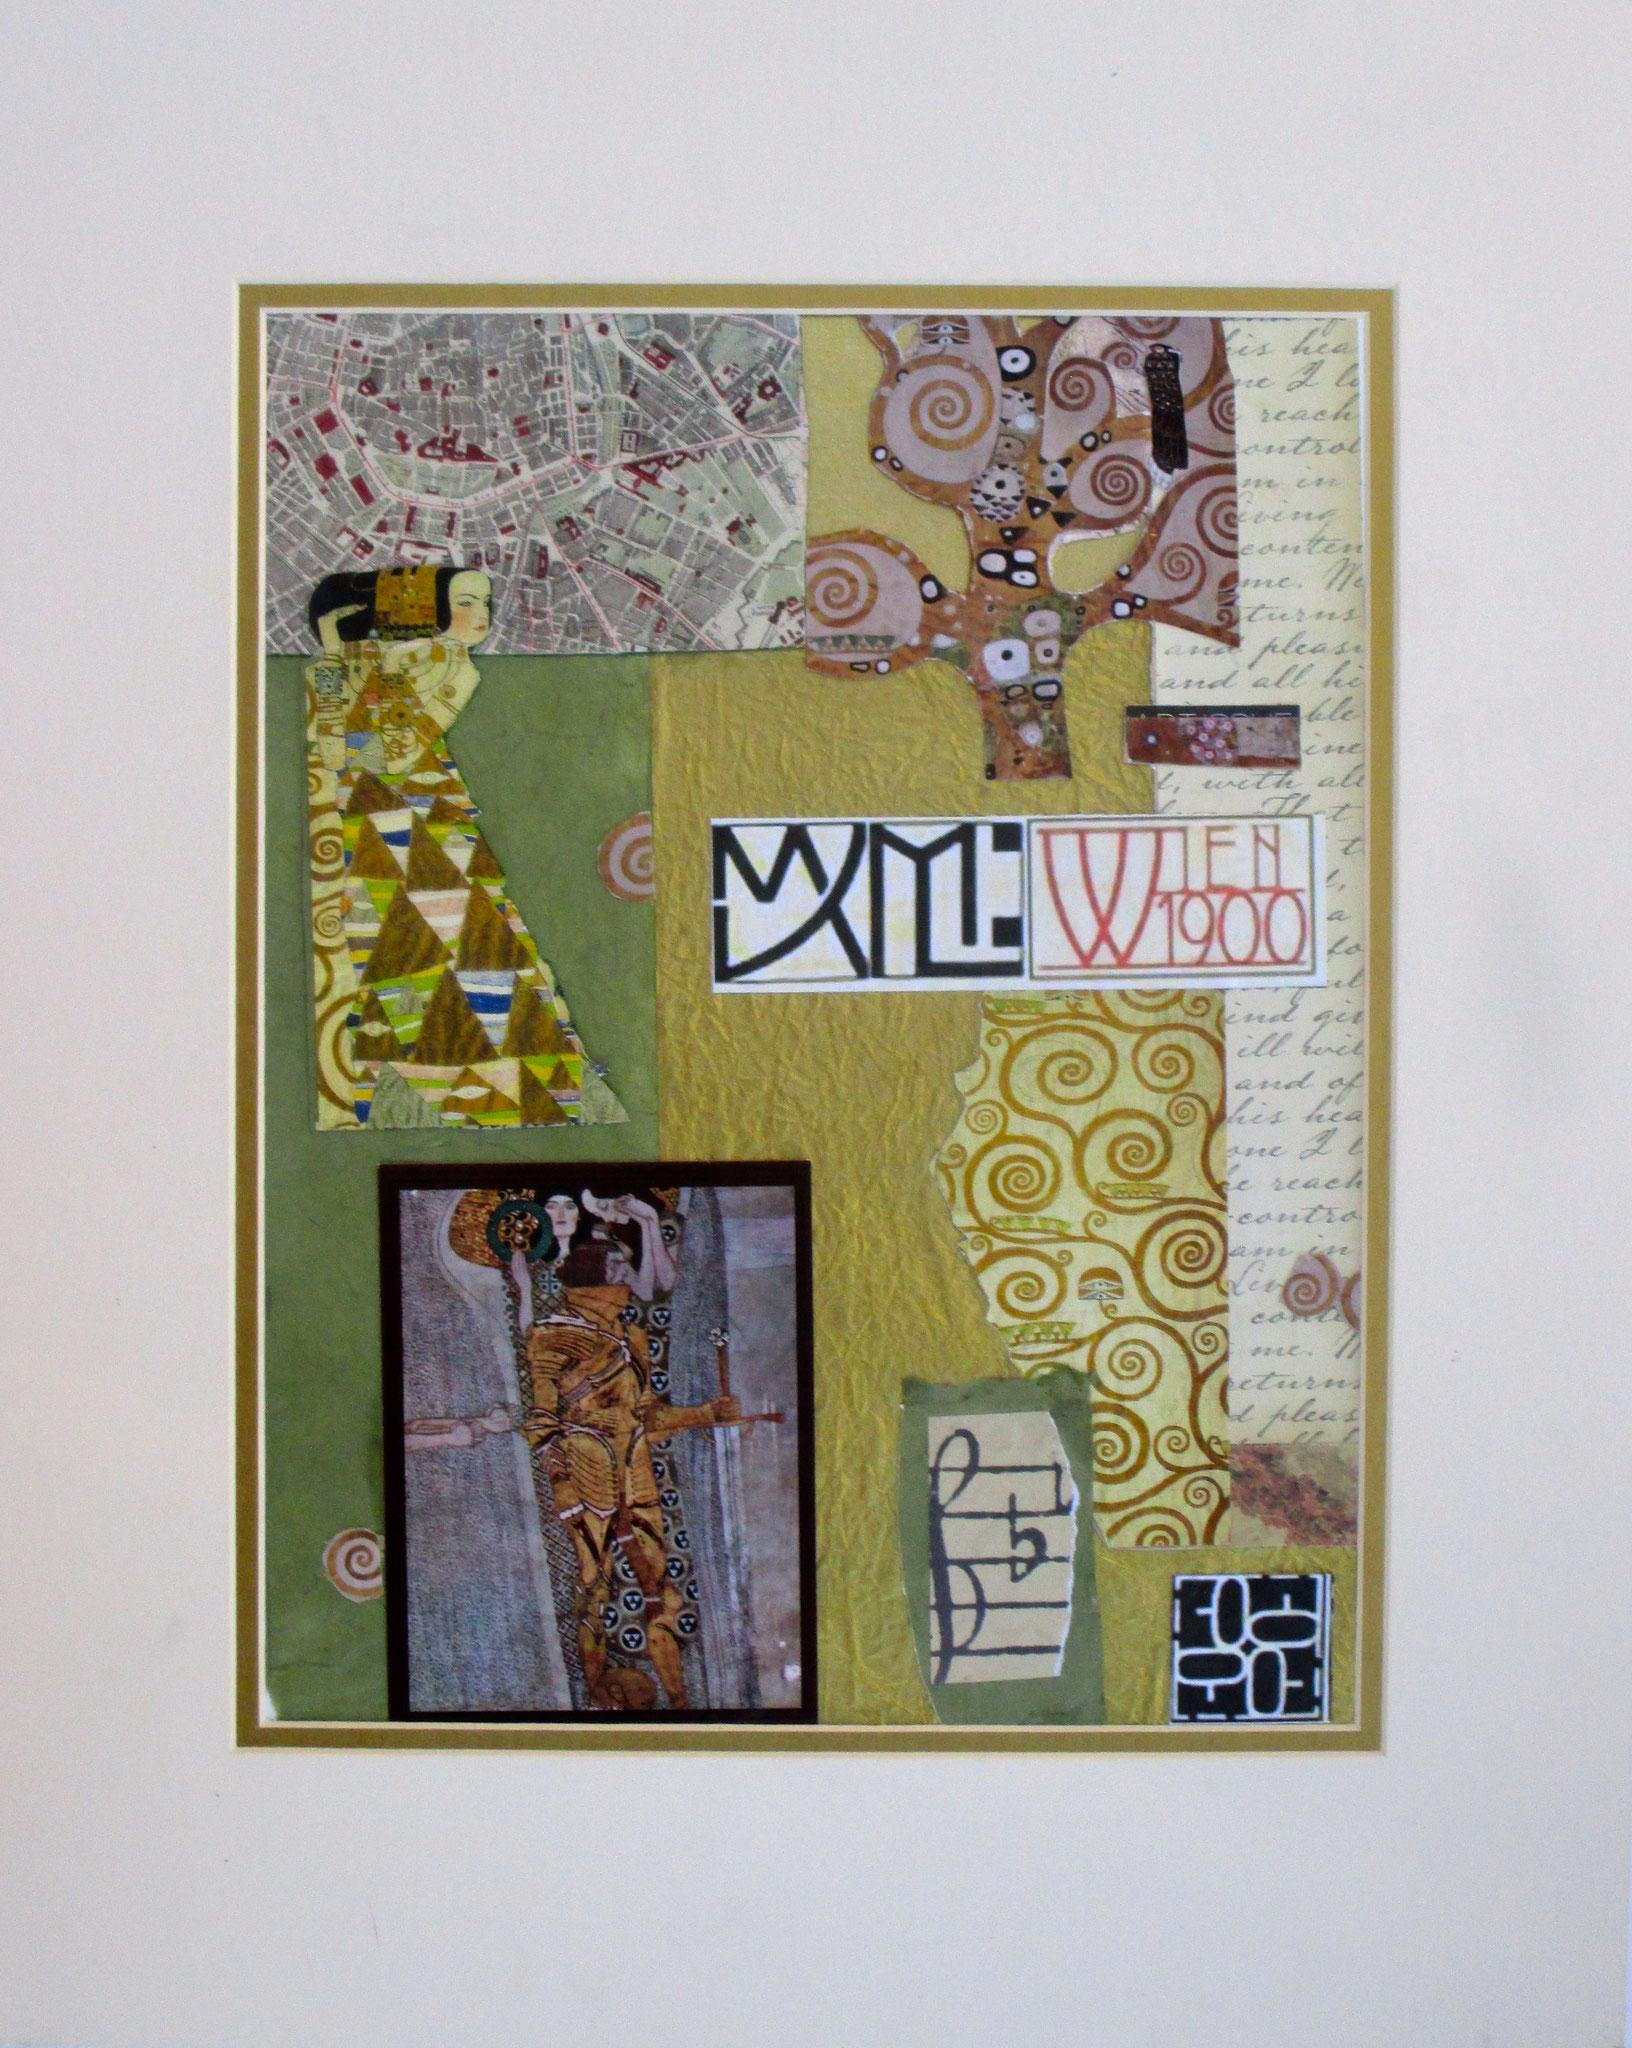 Klimpt's Vienna, collage on paper, 12 x 16, matted, 2017